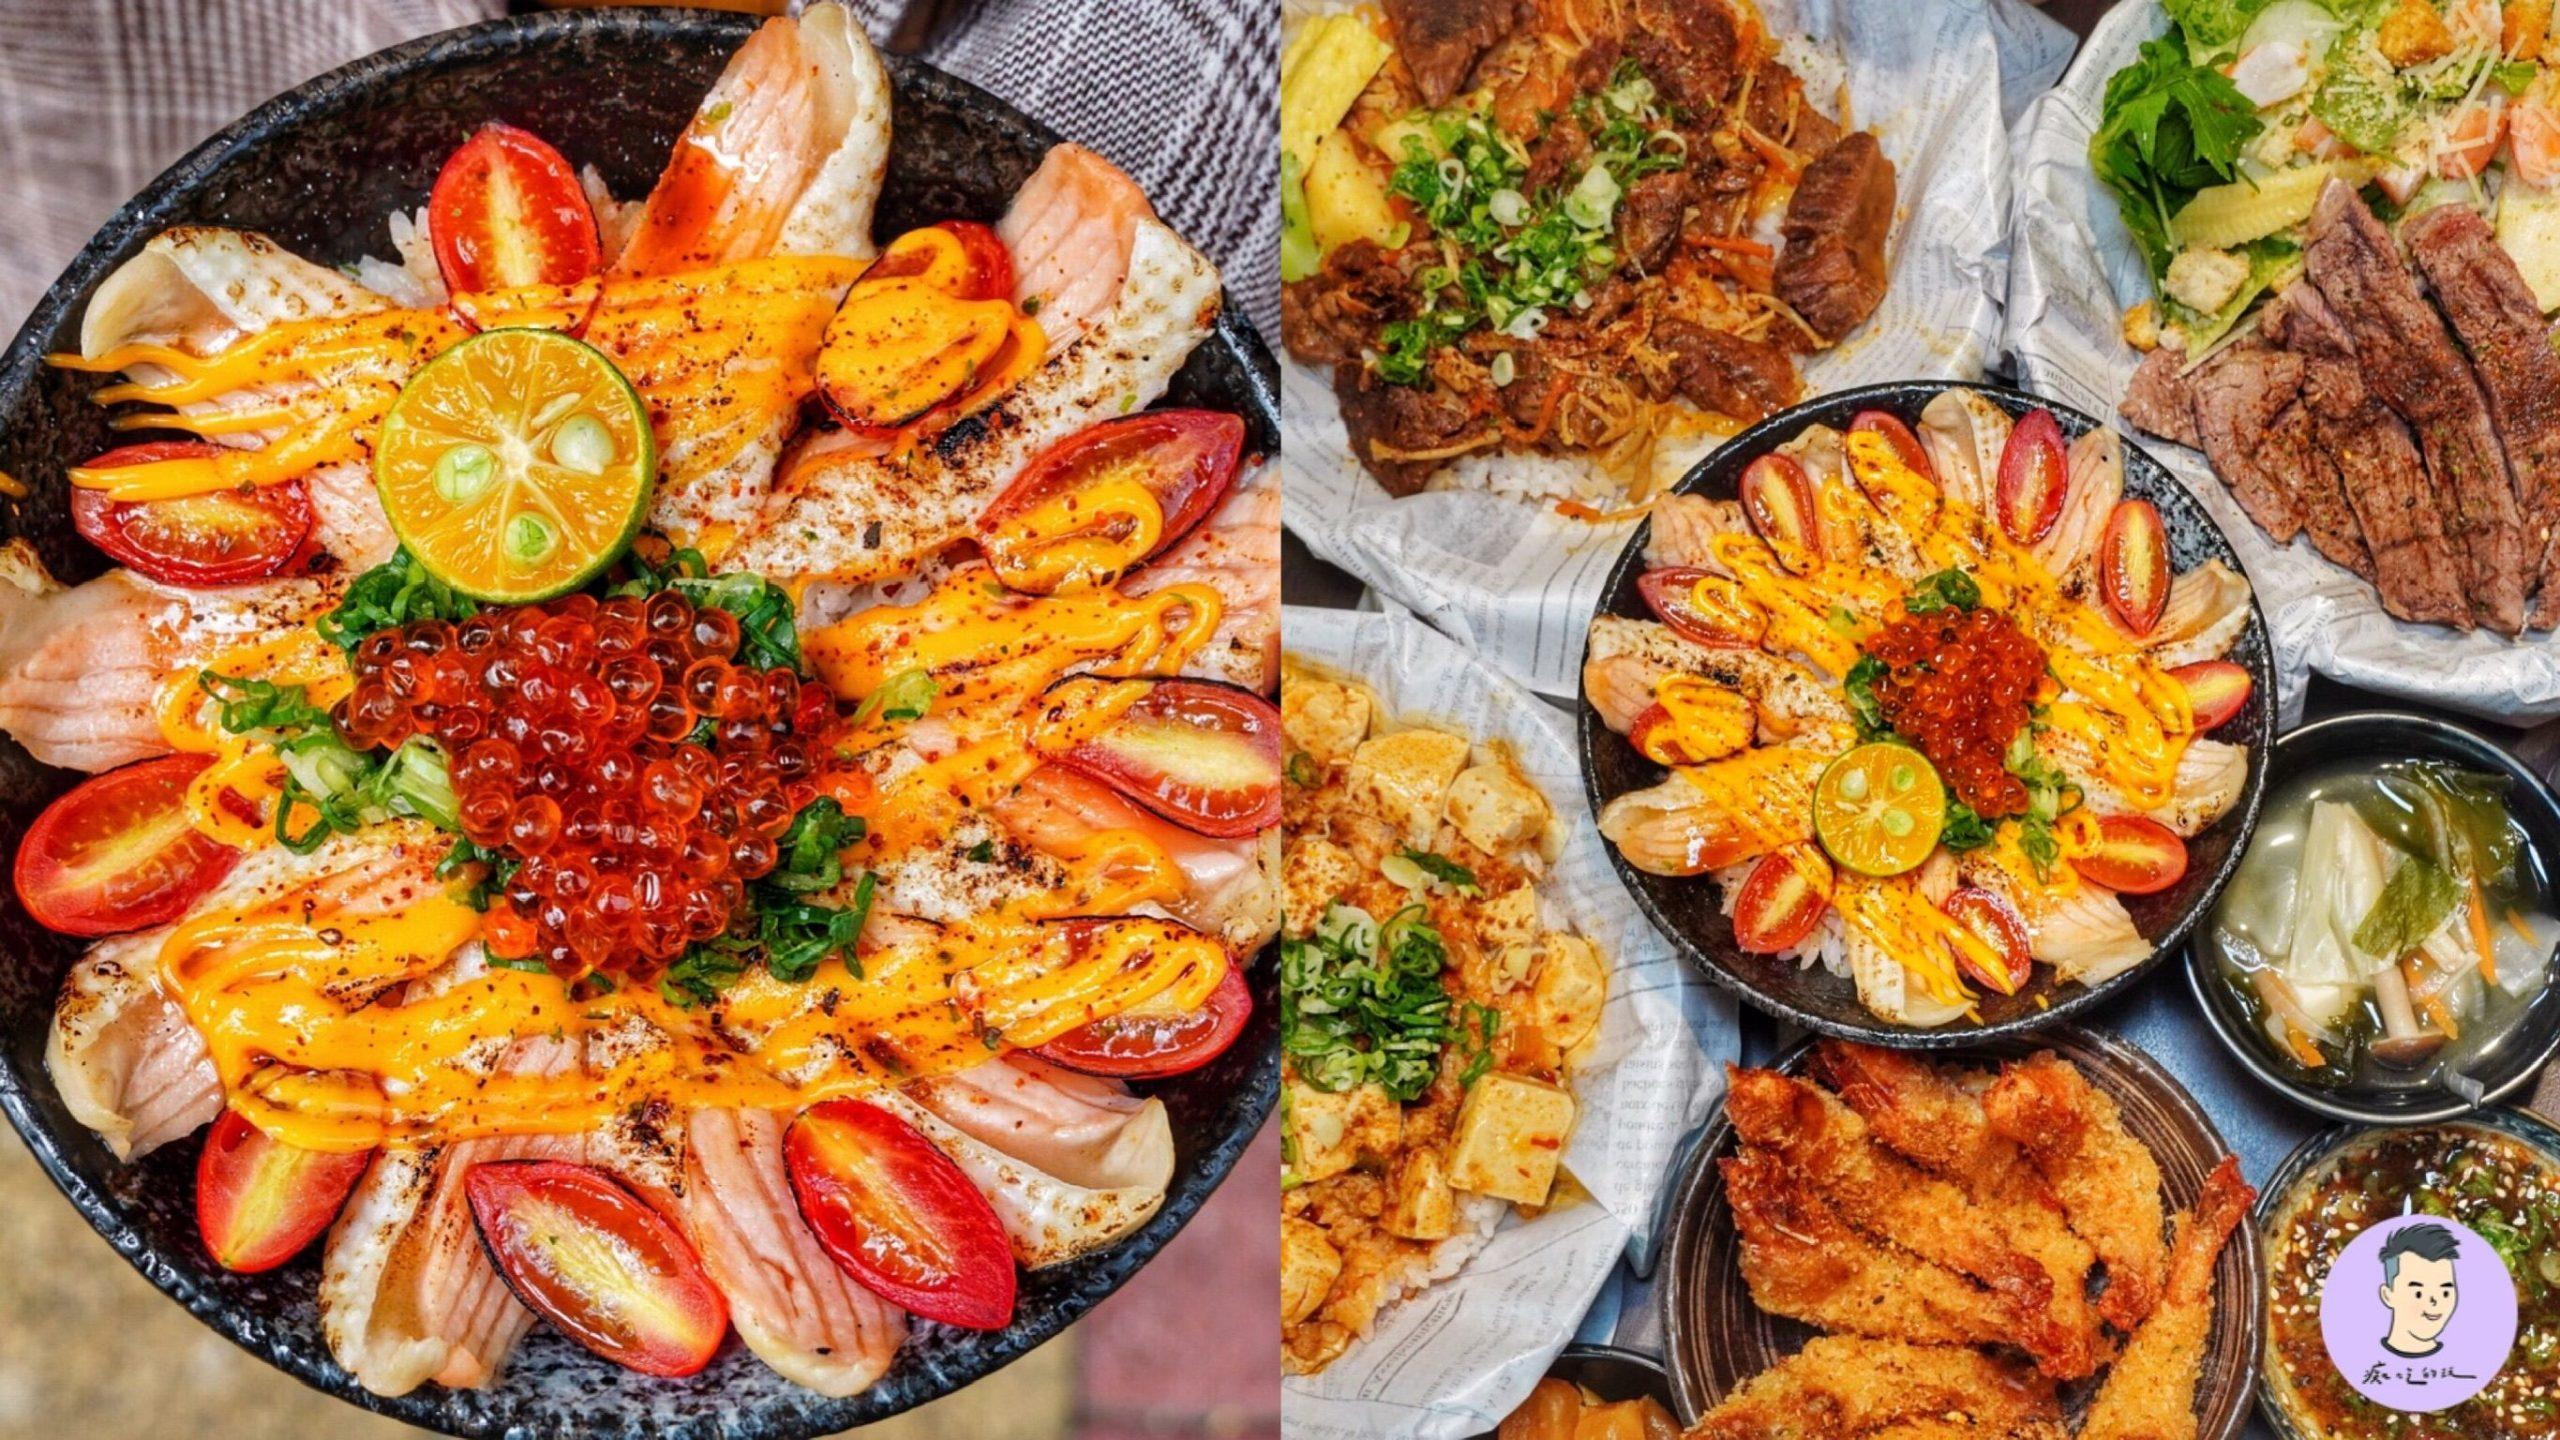 【台南美食】肉丼丼食專門店 台南又一間超平價丼飯!百元初就有白飯/味噌湯/小菜/飲料無限量供應